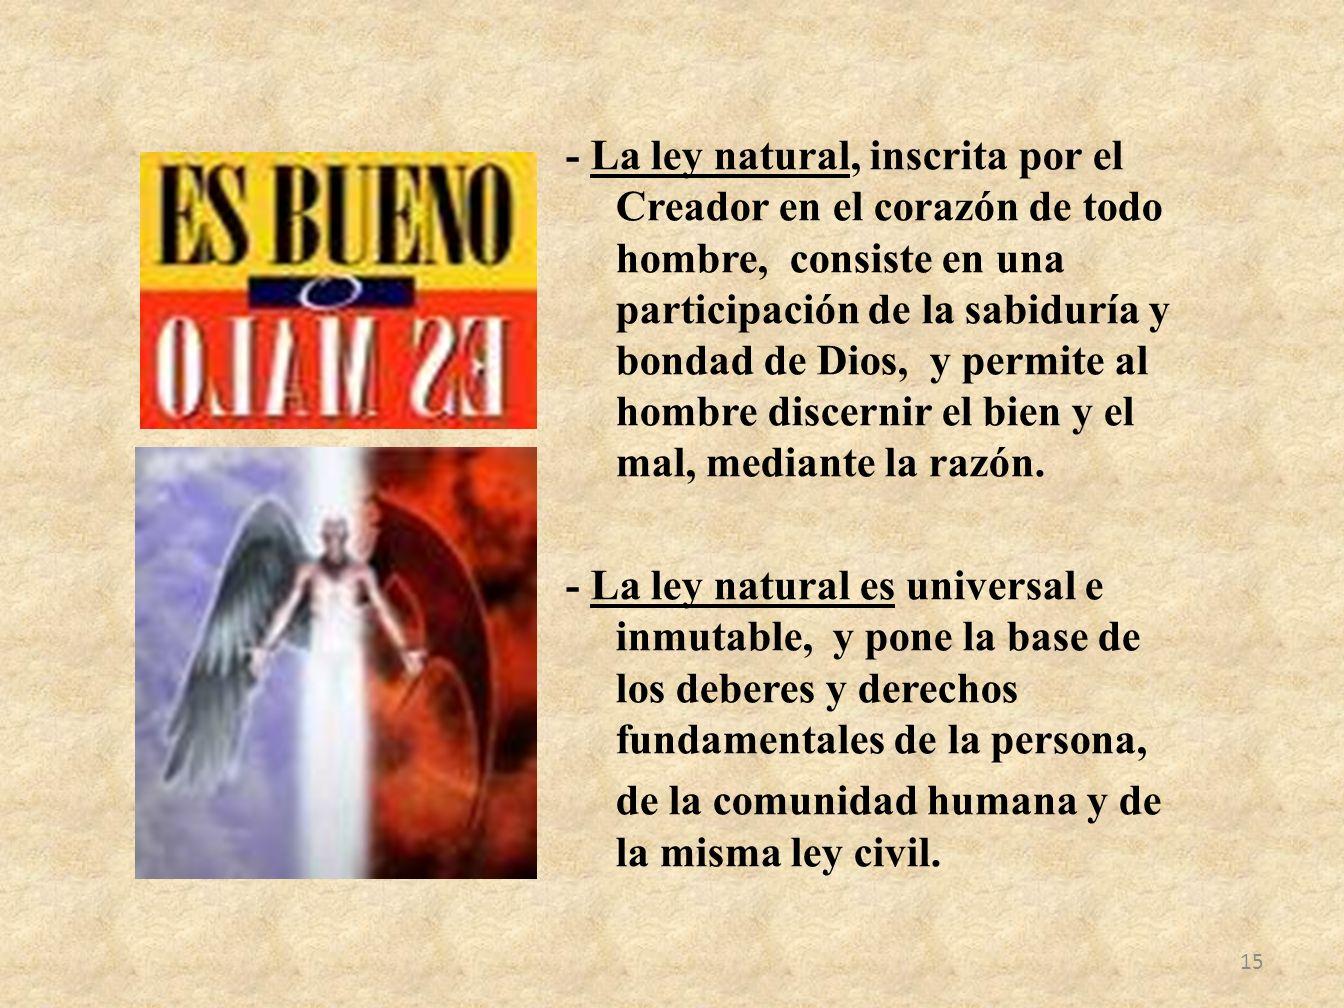 - La ley natural, inscrita por el Creador en el corazón de todo hombre, consiste en una participación de la sabiduría y bondad de Dios, y permite al h